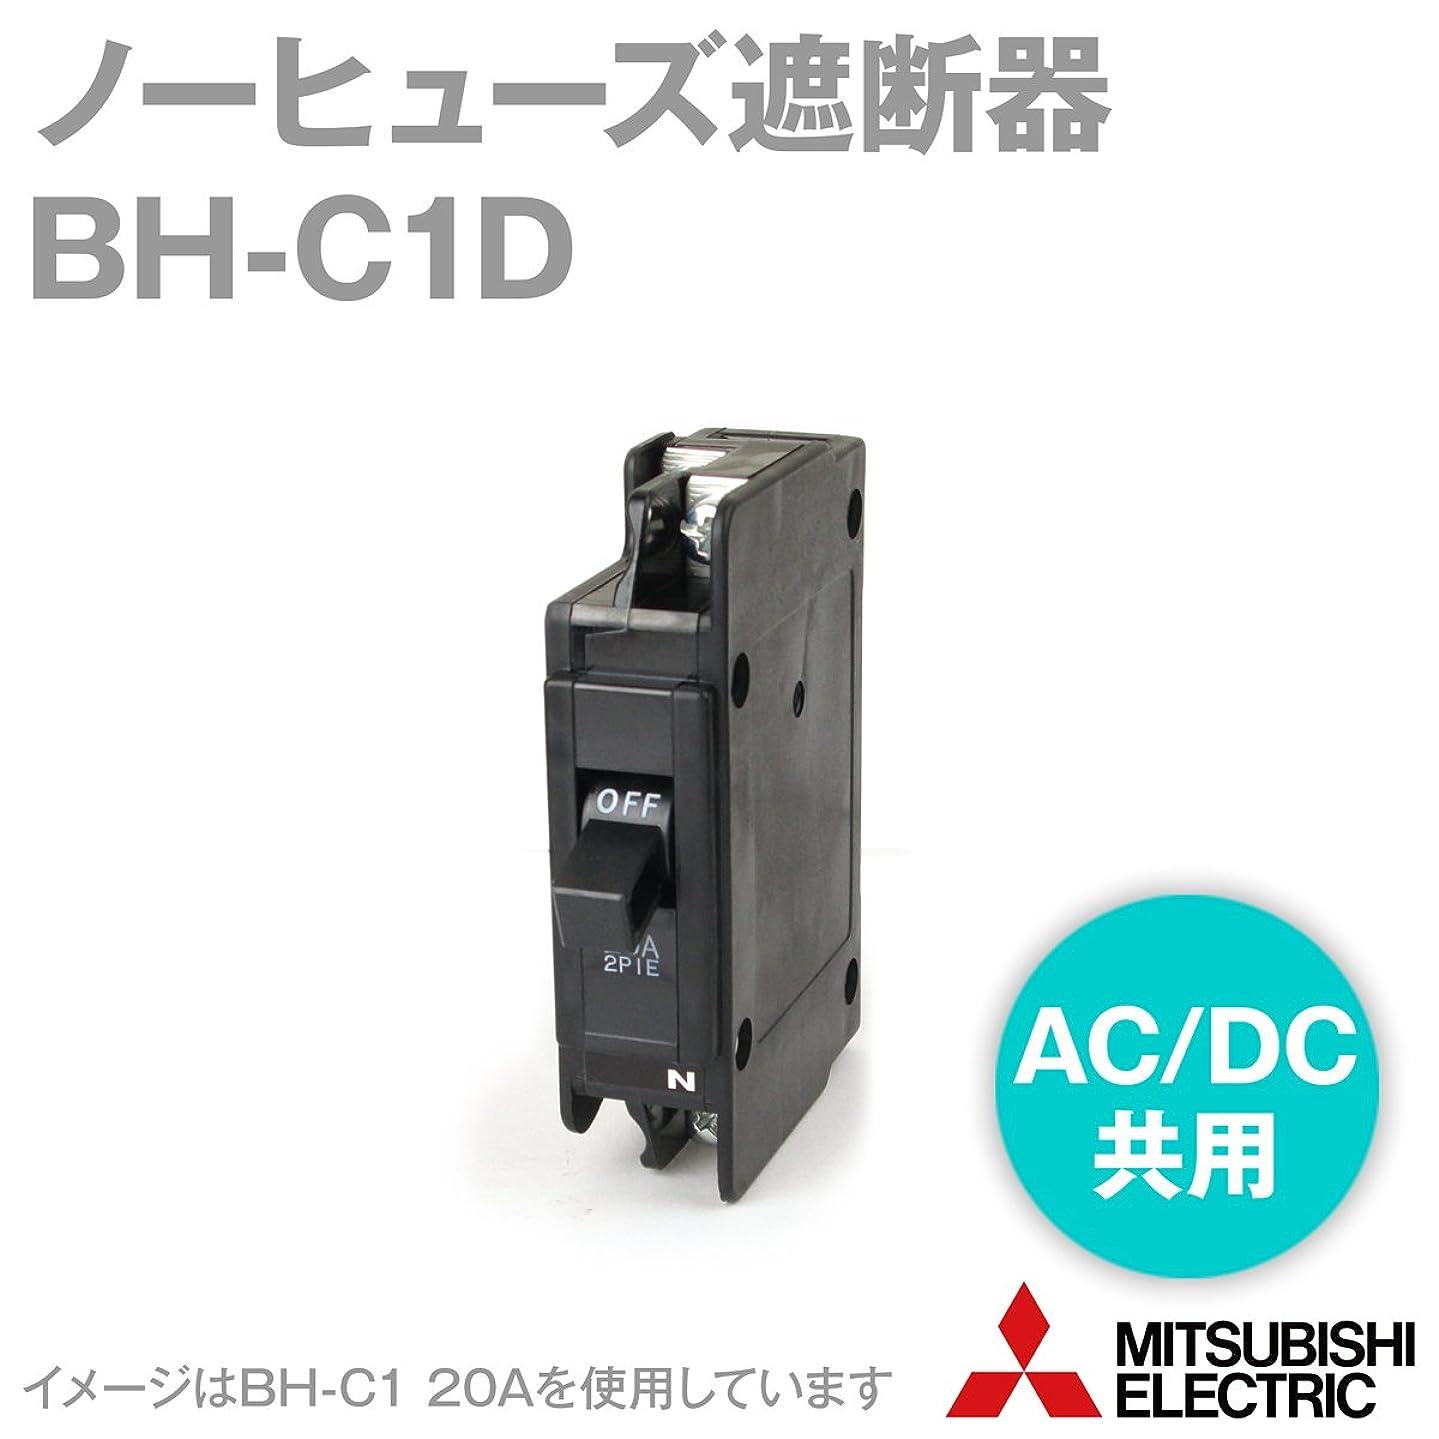 ブラウザウミウシ望ましい三菱電機 BH-C1D 30A ノーヒューズ遮断器 (分電盤用) (分岐回路用) (AC/DC共用) (2P1E) NN